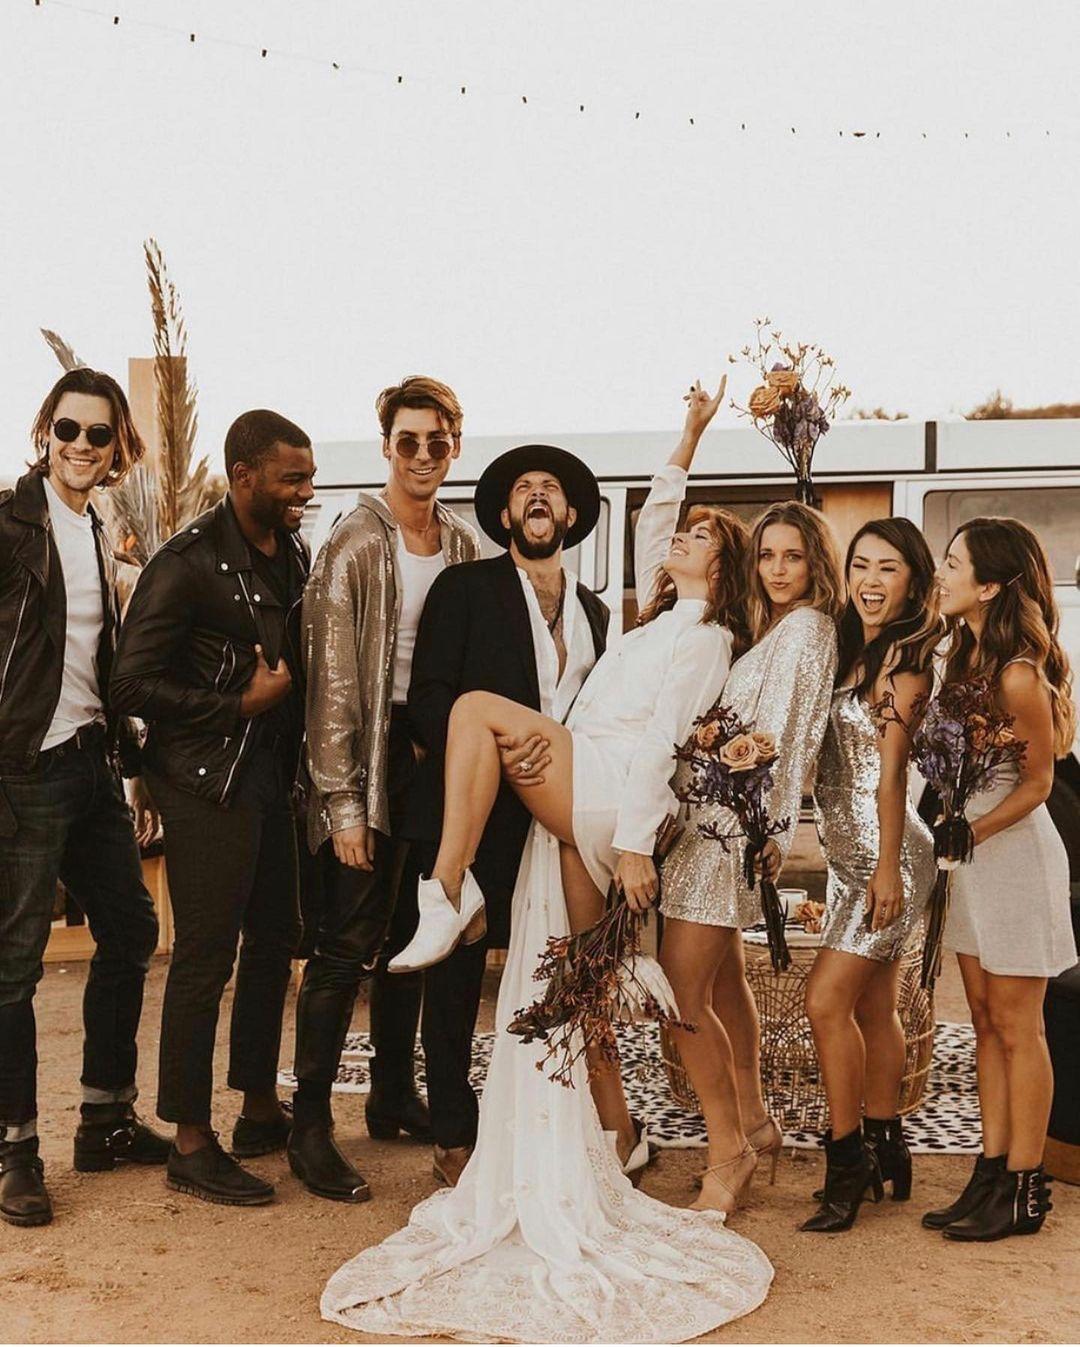 covid-wedding-ideas-wedding-party